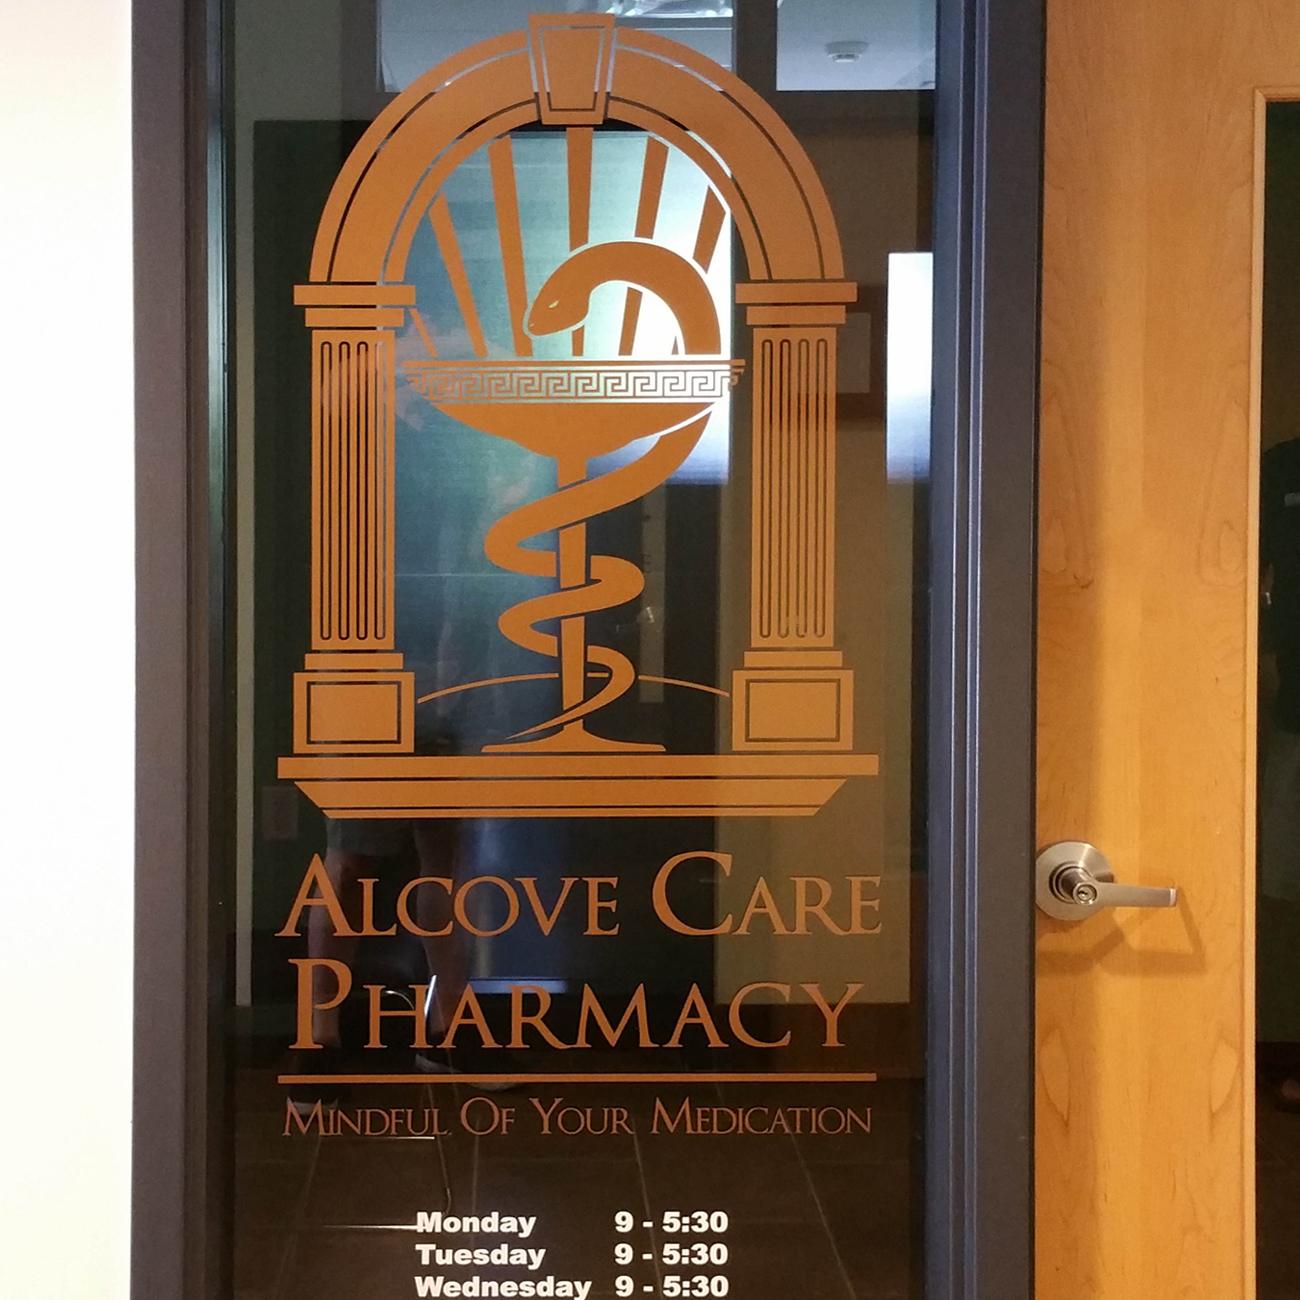 Alcove Pharmacy Window Graphics